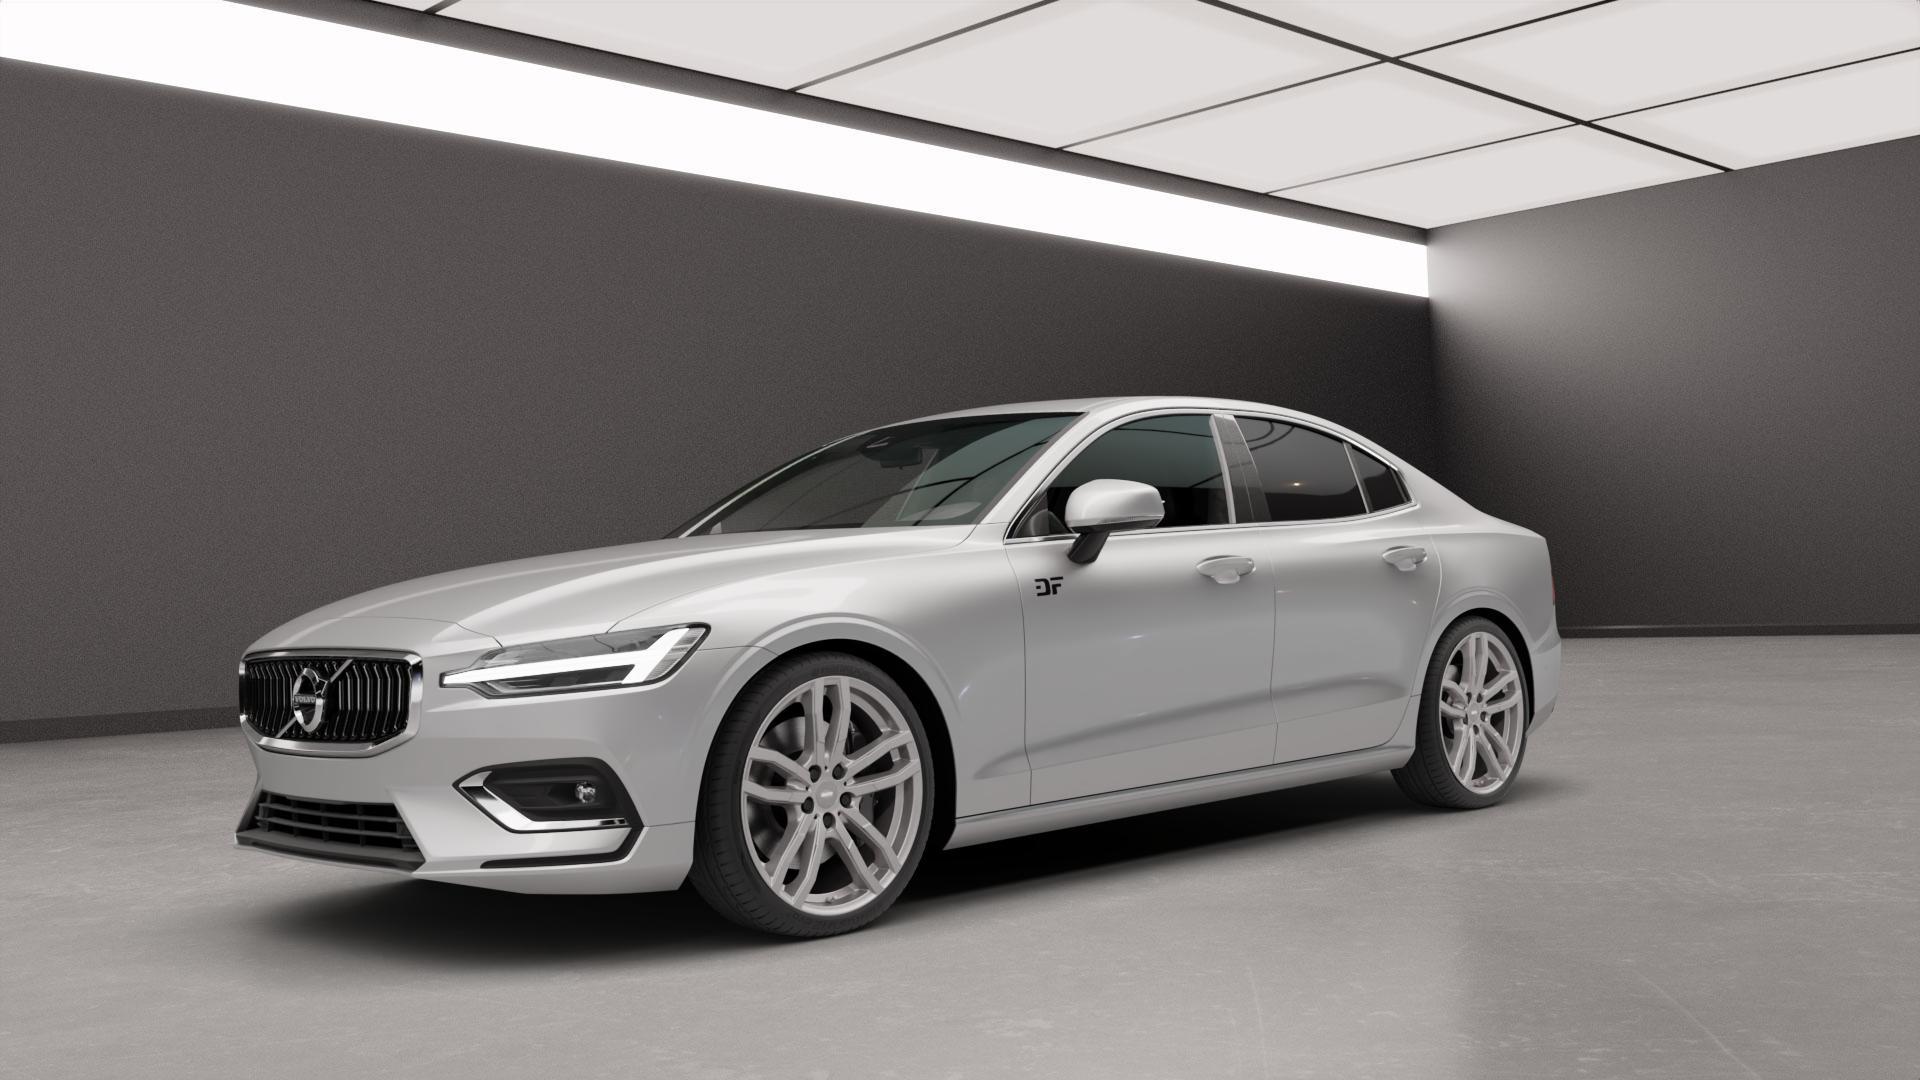 ALUTEC DriveX metal-grey Felge mit Reifen grau in 20Zoll Winterfelge Alufelge auf silbernem Volvo S60 III Typ Z ⬇️ mit 15mm Tieferlegung ⬇️ Neutral_mid_max5300mm Frontansicht_1